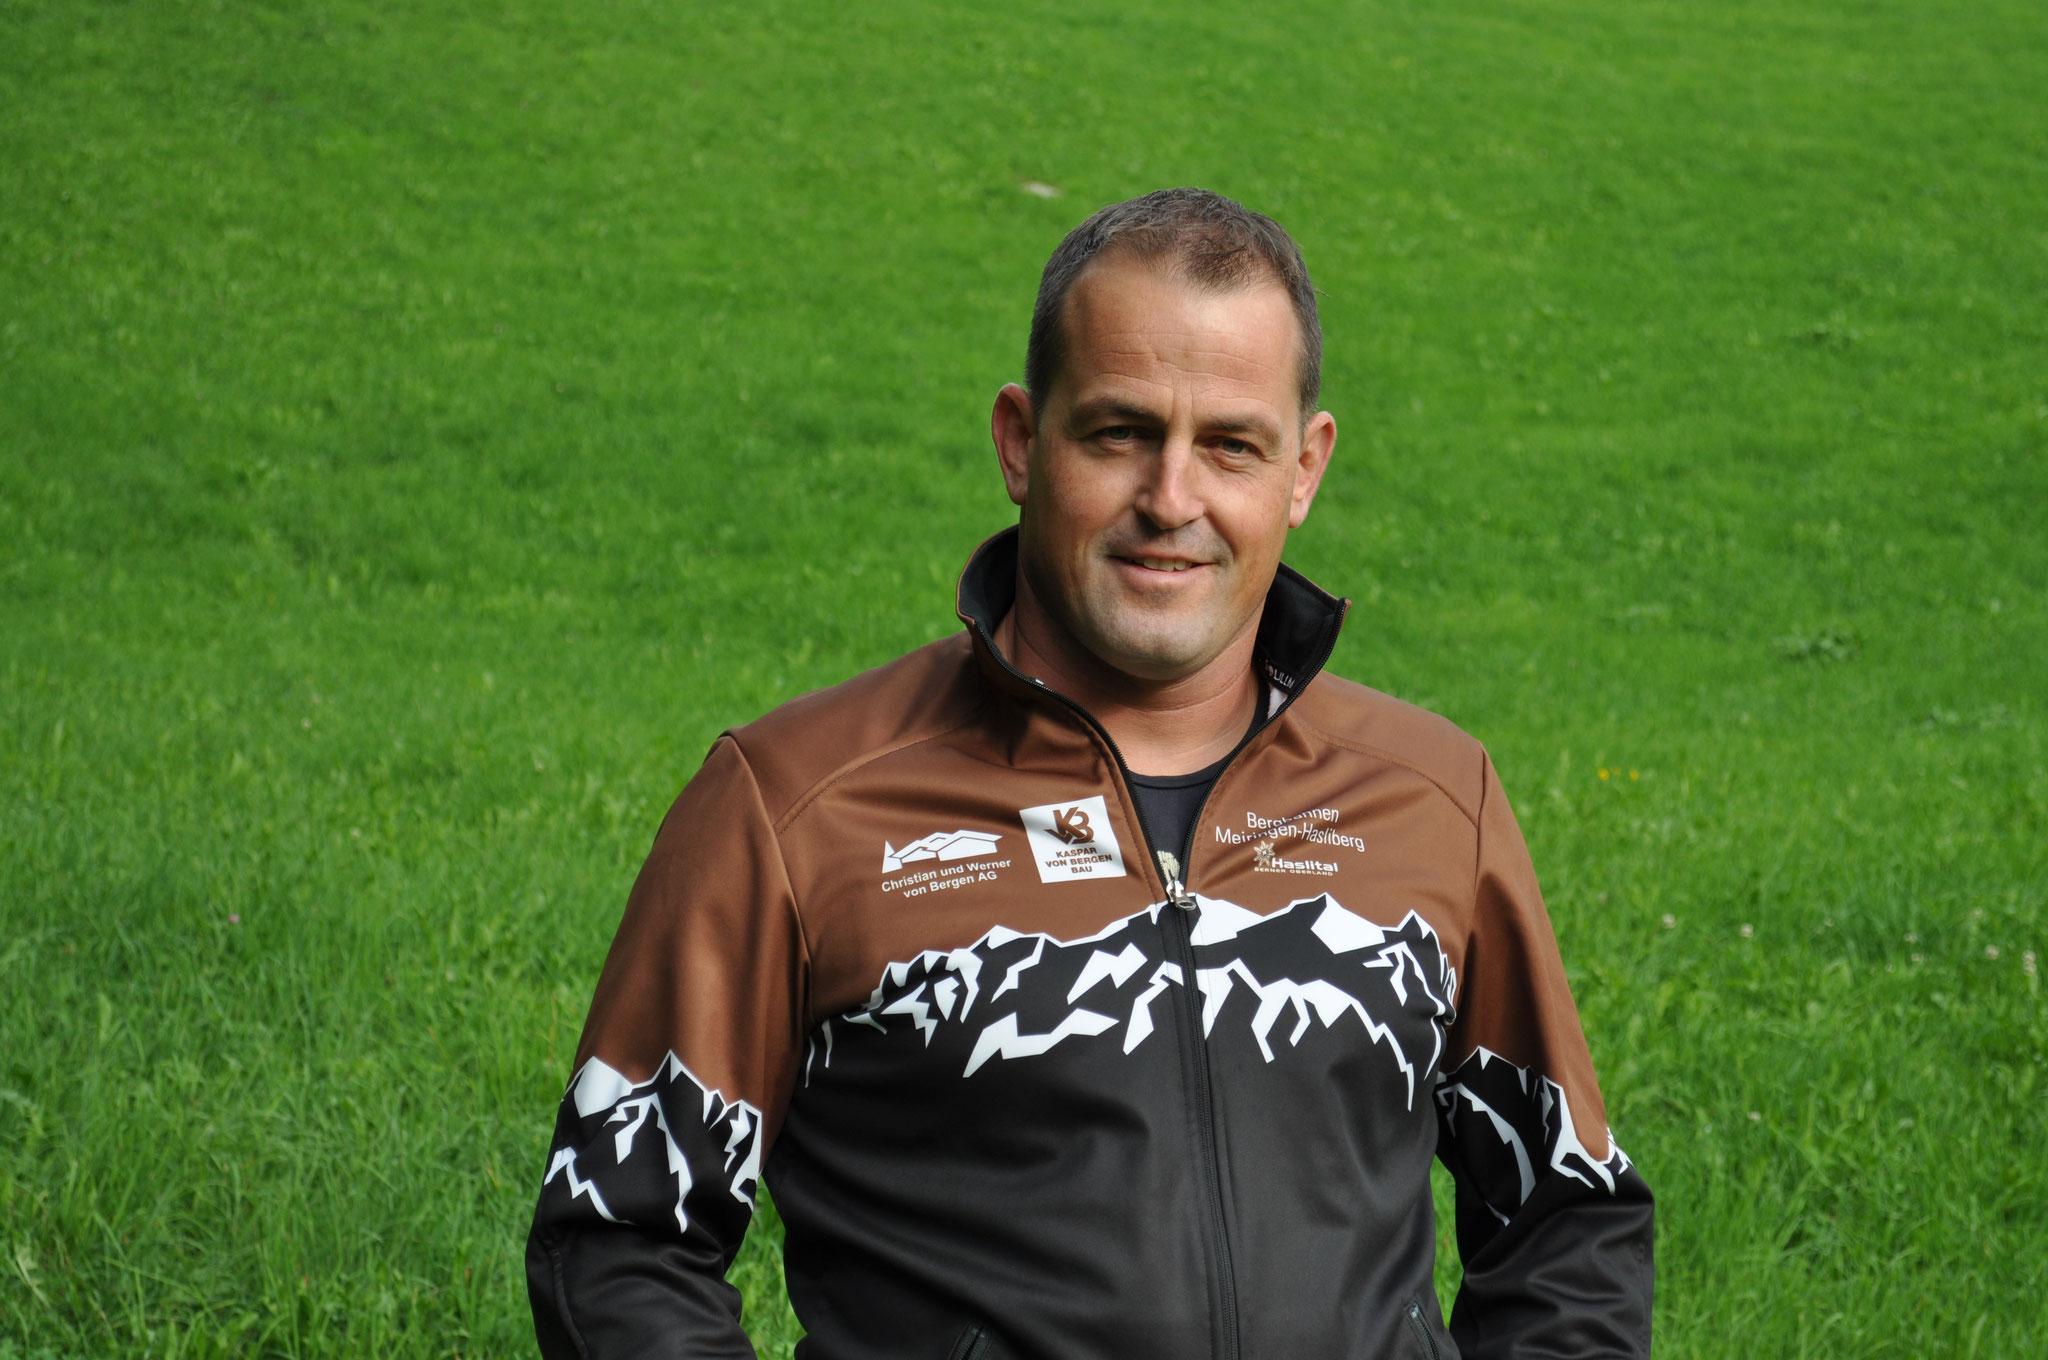 Horat Theo: Präsident und TL Jungschwinger